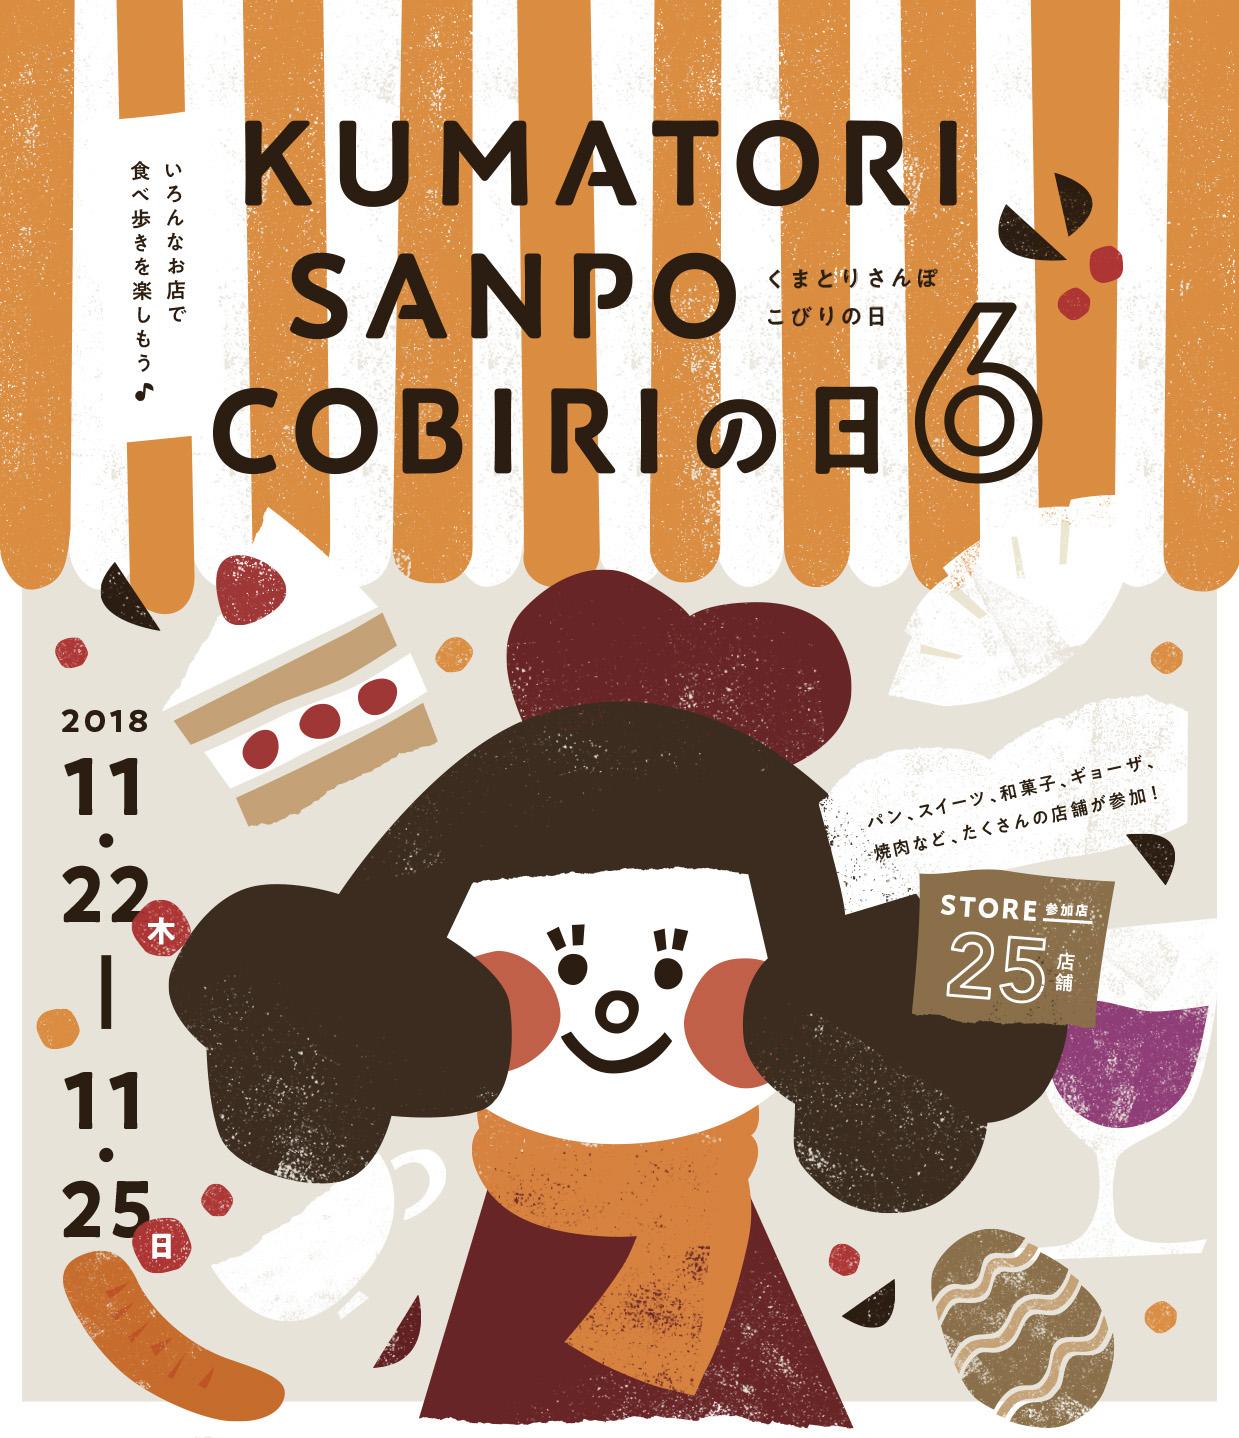 くまとりSANPO COBIRIの日6 開催!